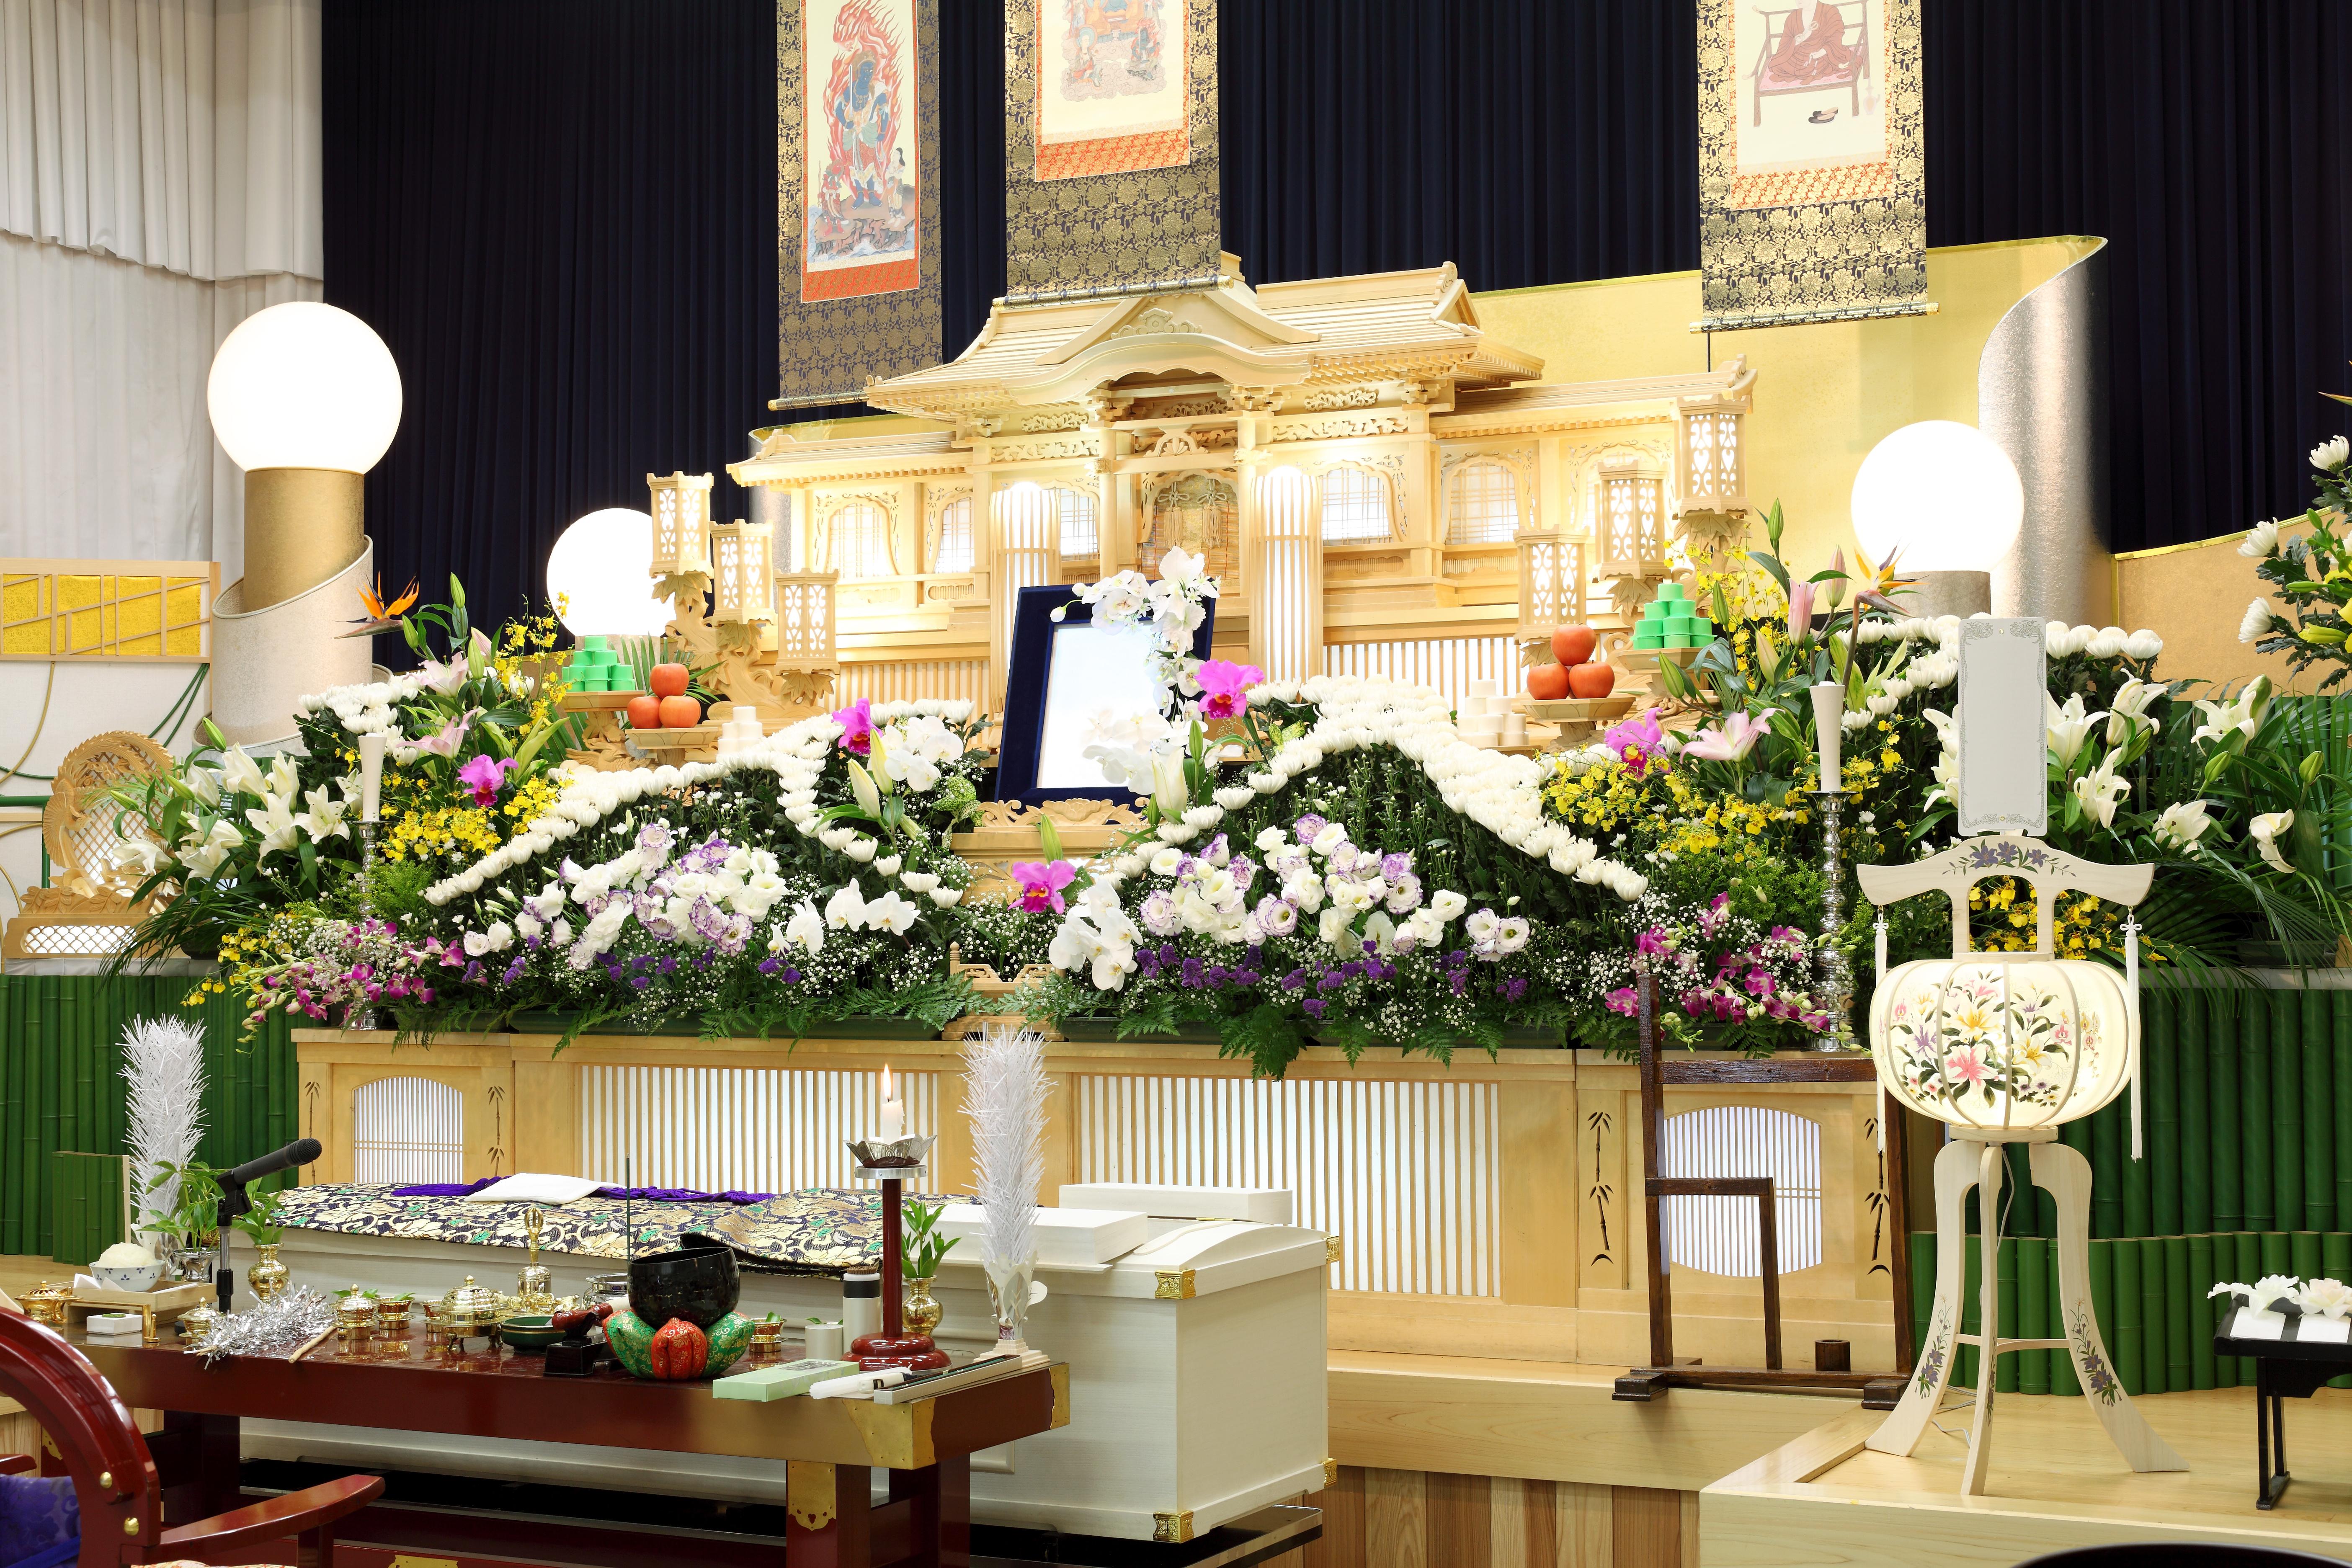 佐賀県の葬儀・お葬式の基本情報【事情・しきたり】のサムネイル画像